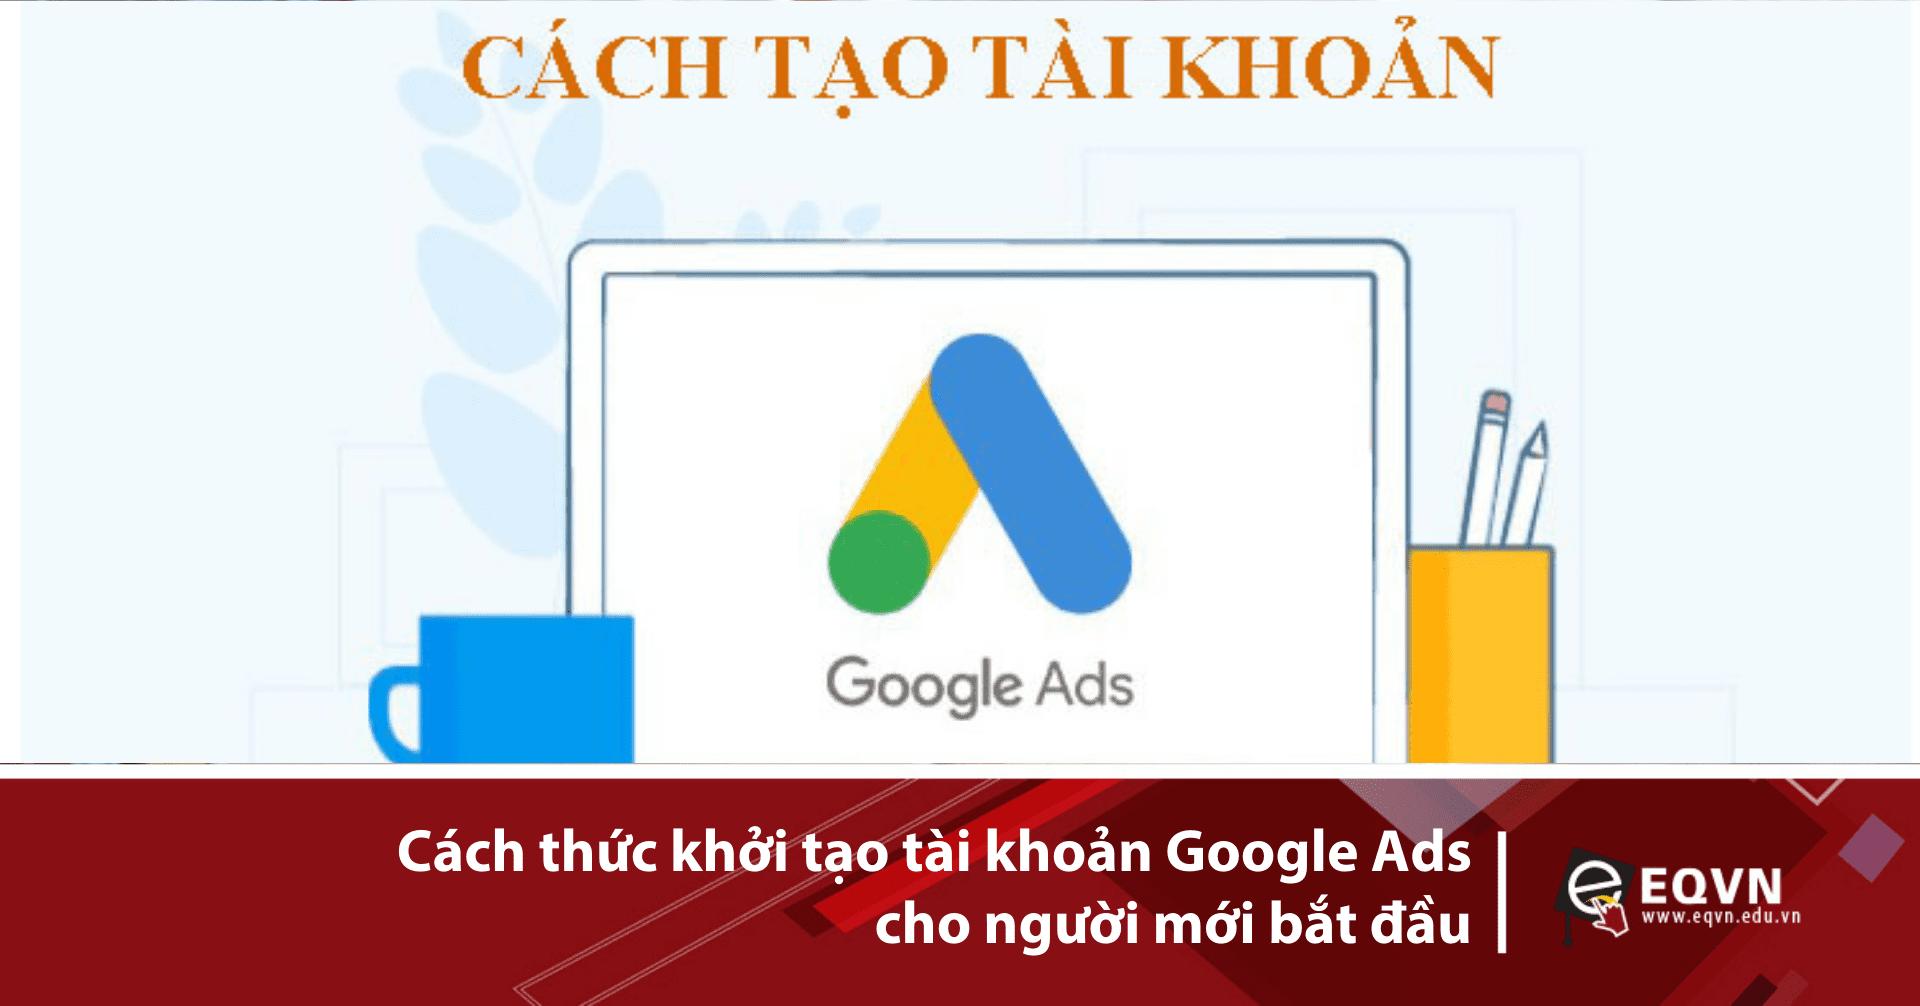 Cách thức tạo tài khoản quảng cáo Google